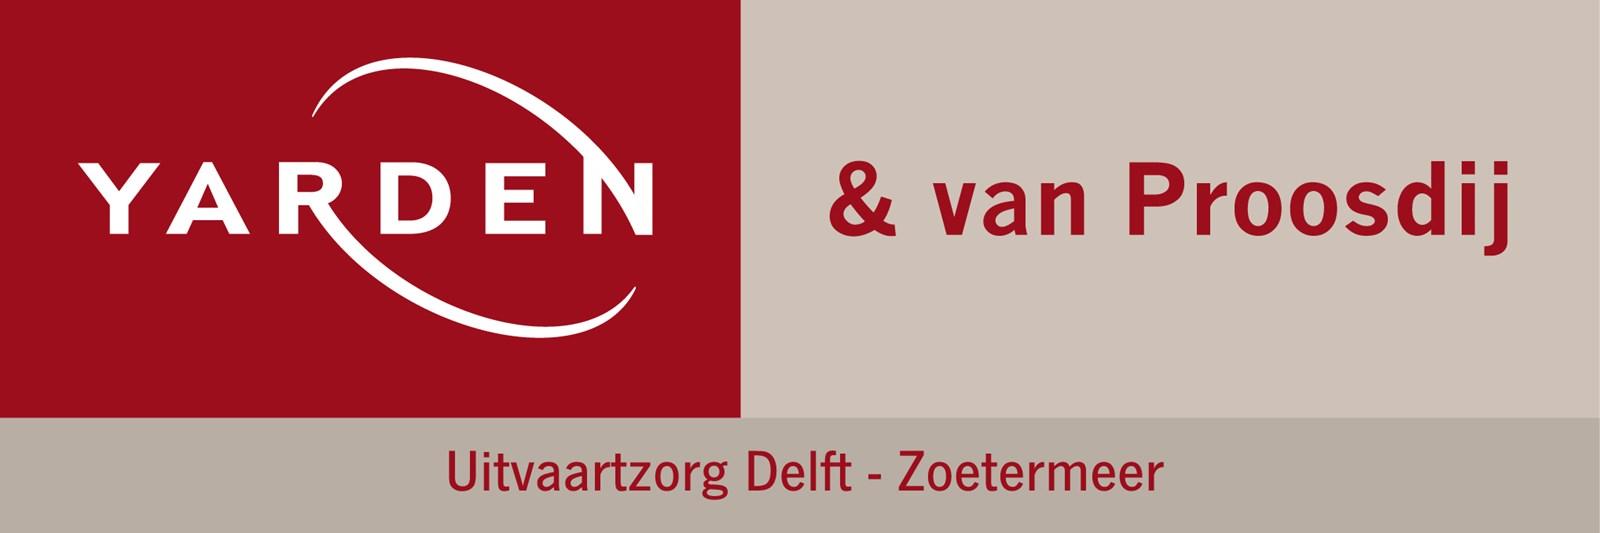 Logo van Yarden & van Proosdij Uitvaartzorg Delft